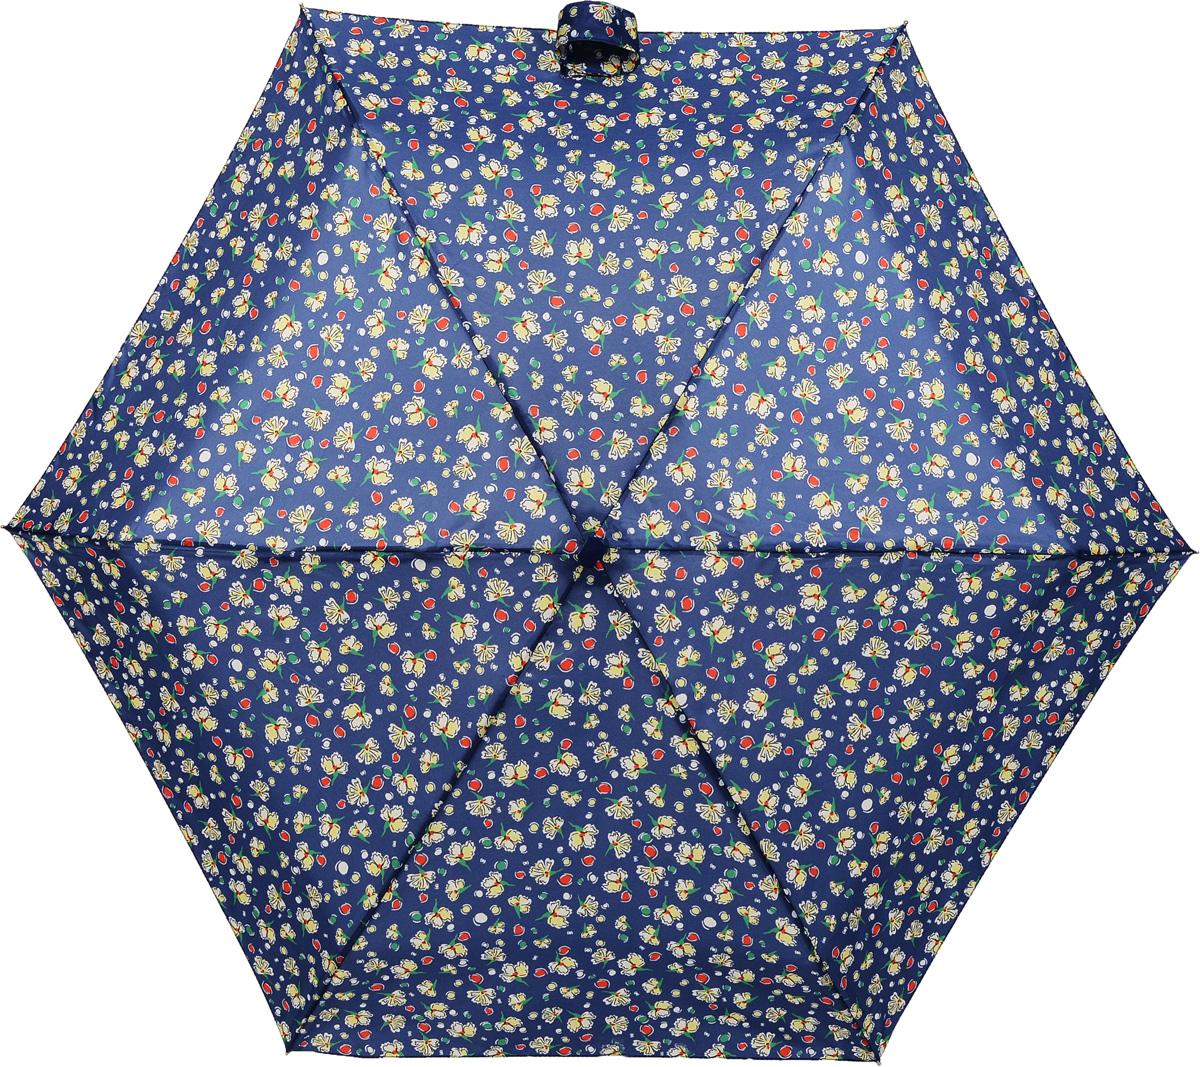 Зонт женский механика Fulton, расцветка: лютик. L501-3155 ButtercupL501-3155 ButtercupПрочный, необыкновенно компактный зонт, который с легкостью поместится в маленькую сумочку. Удобный плоский чехол. Облегченный алюминиевый каркас с элементами из фибергласса. Ветроустойчивая конструкция. Размеры зонта в сложенном виде 15смх6смх3см, диаметр купола 87 см.